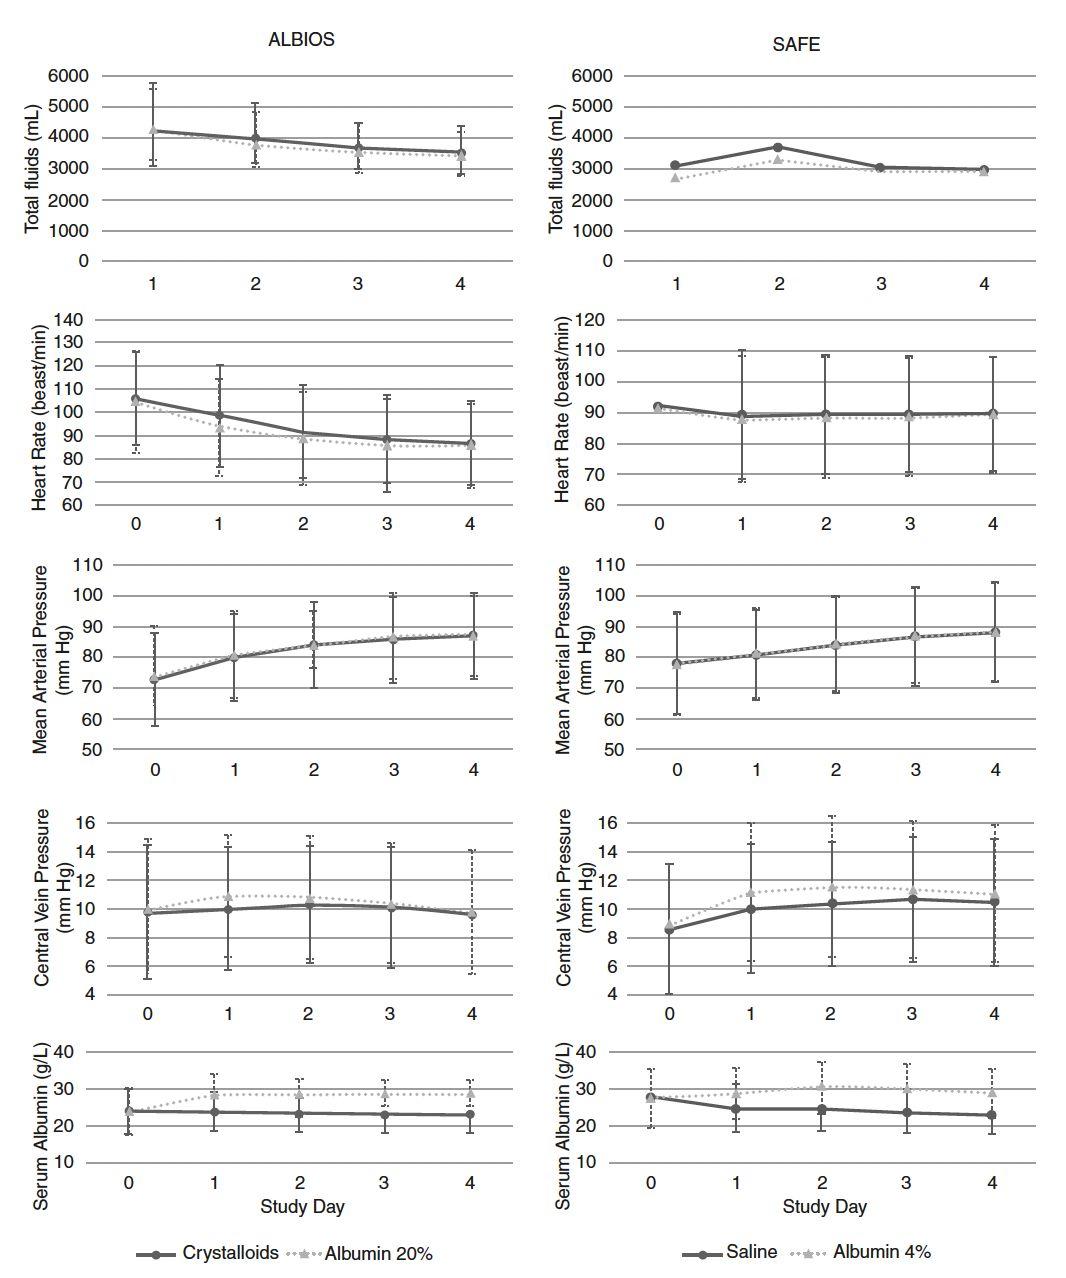 白蛋白应该是低血容量患者液体复苏的首选胶体吗?